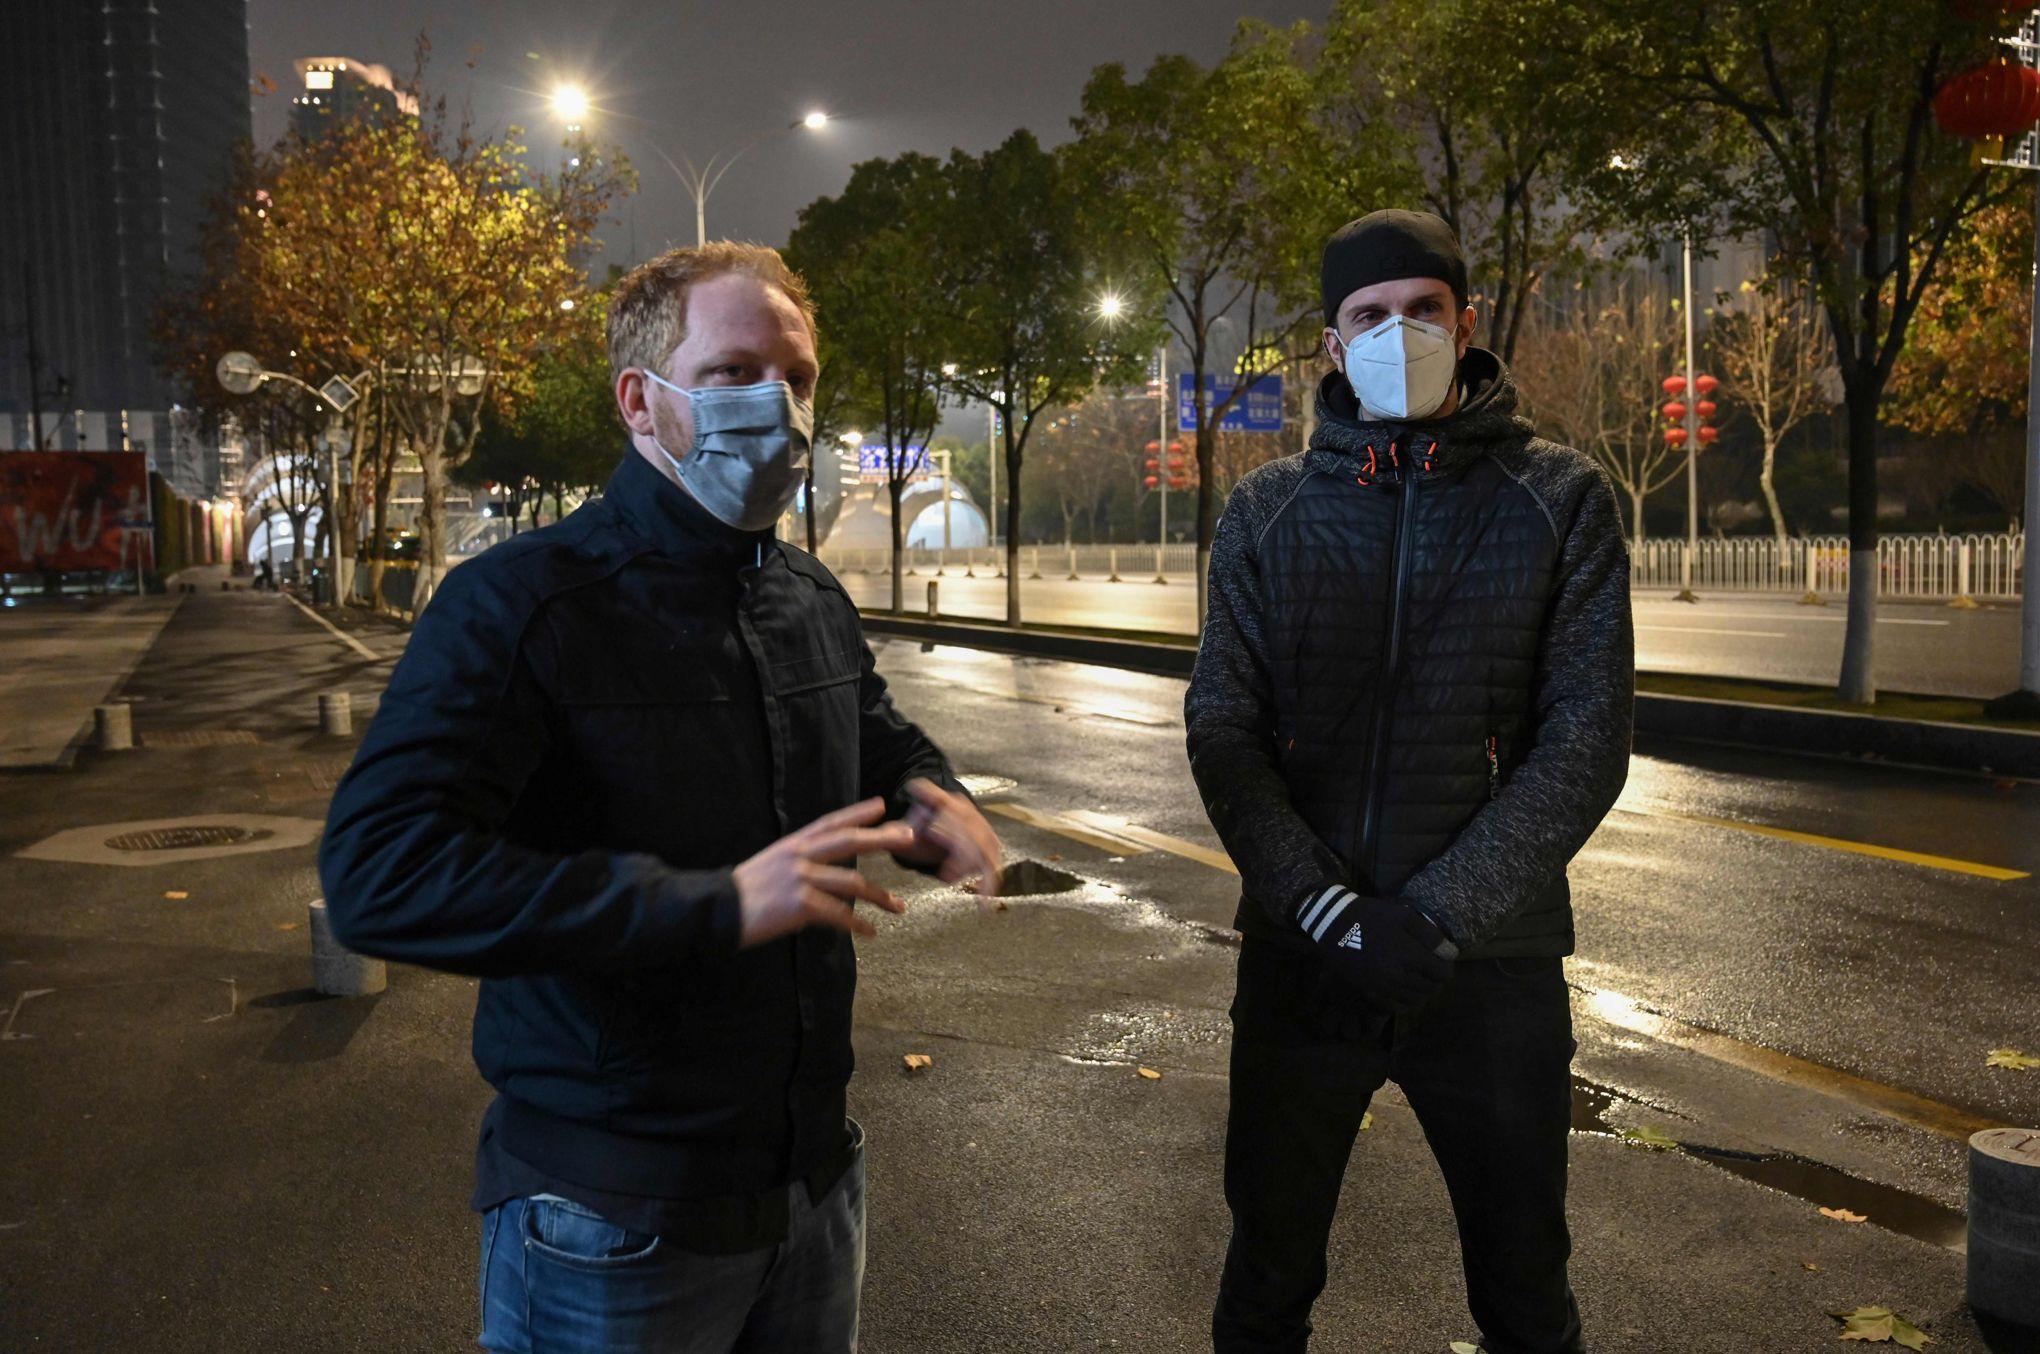 Coronavirus chinois: comment les expatriés français se préparent à quitter Wuhan